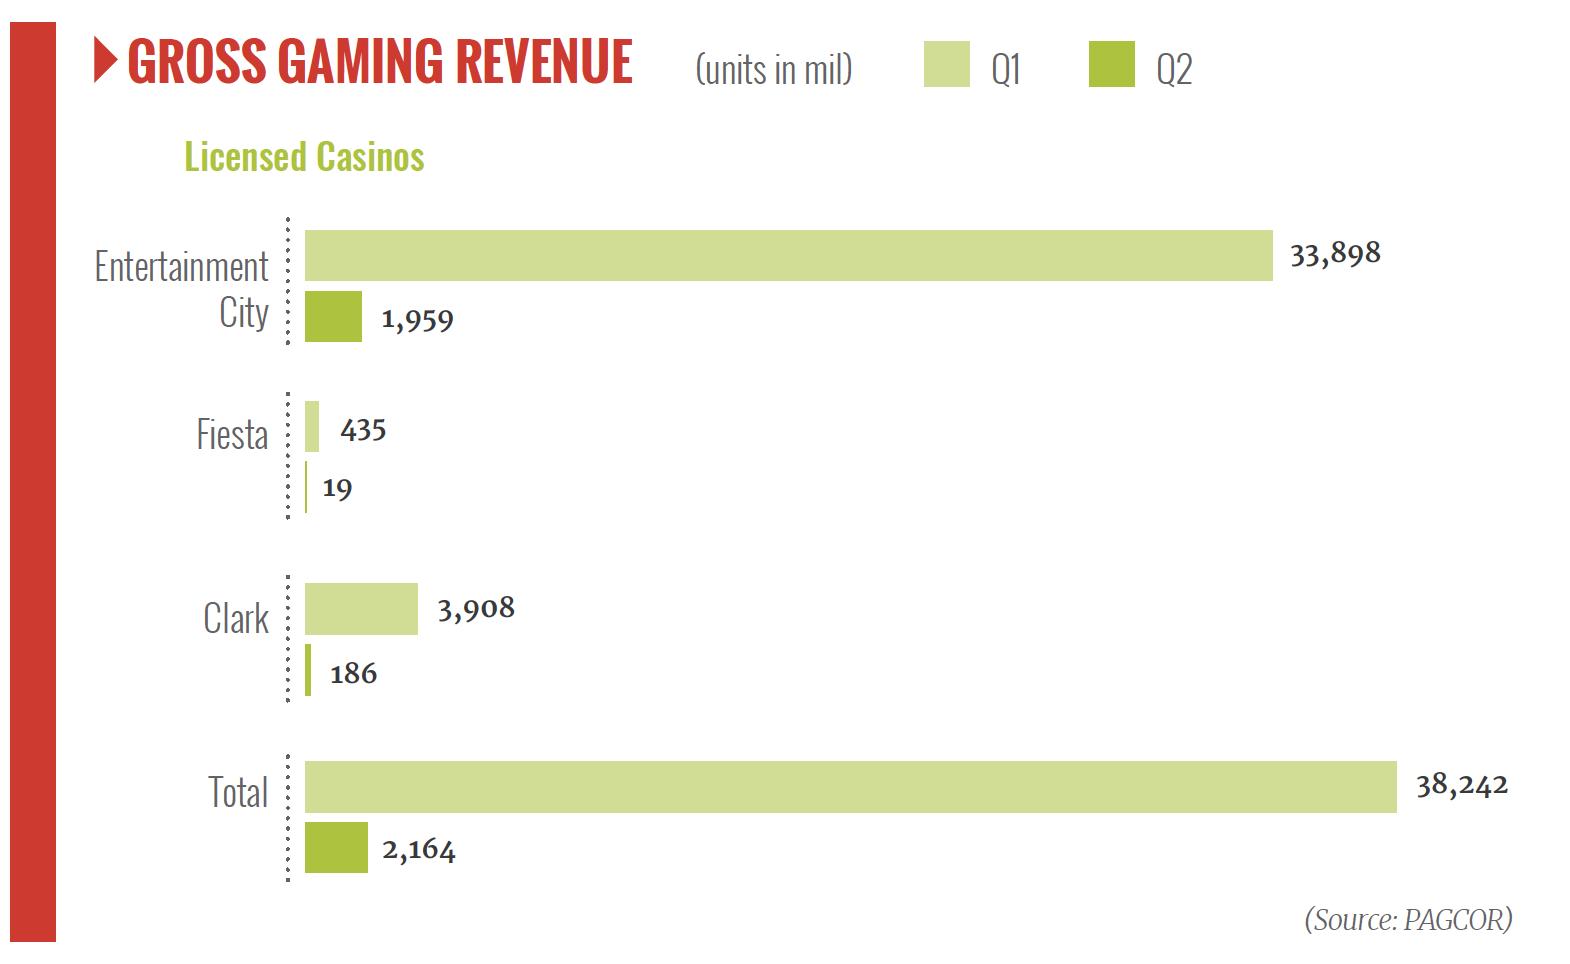 GGR Q2 licensed casinos Philippine